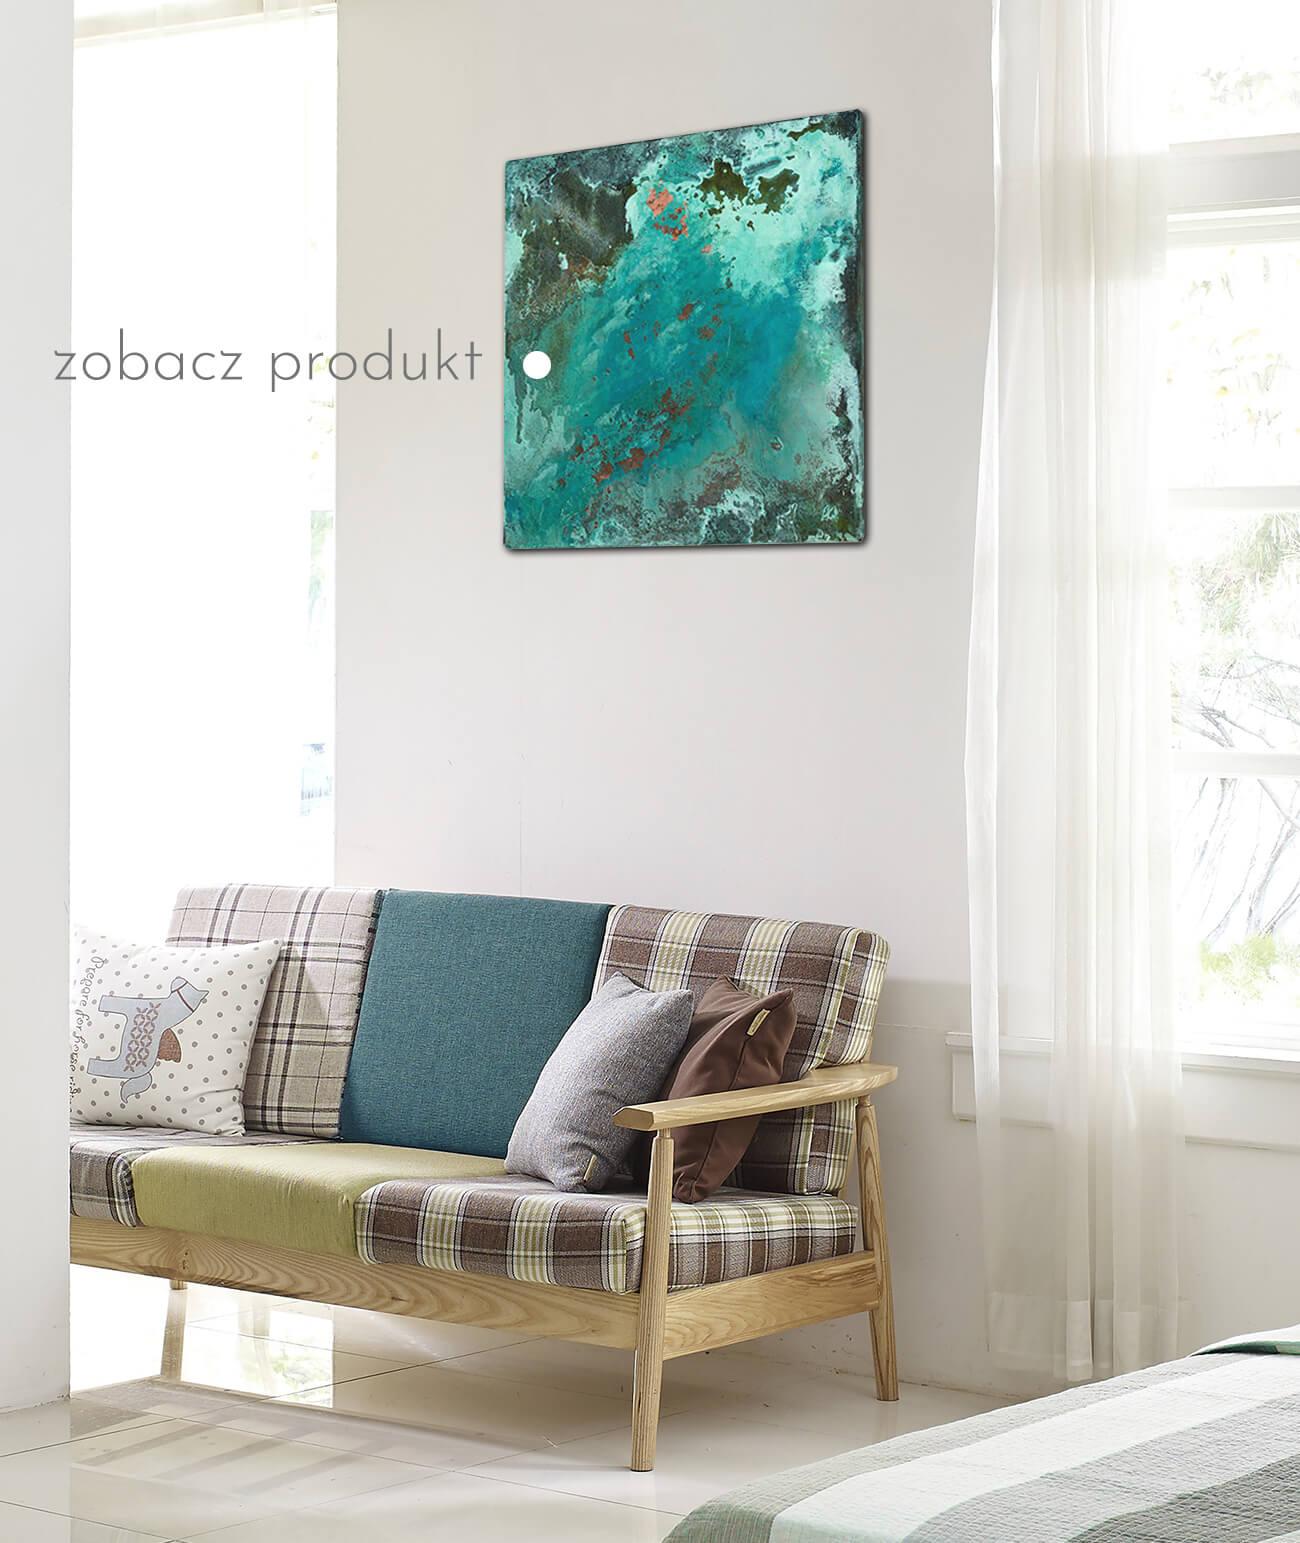 obrazy-artystyczne-obrazy-ozdobne_1160-24505-obraz-patynowana-miedz